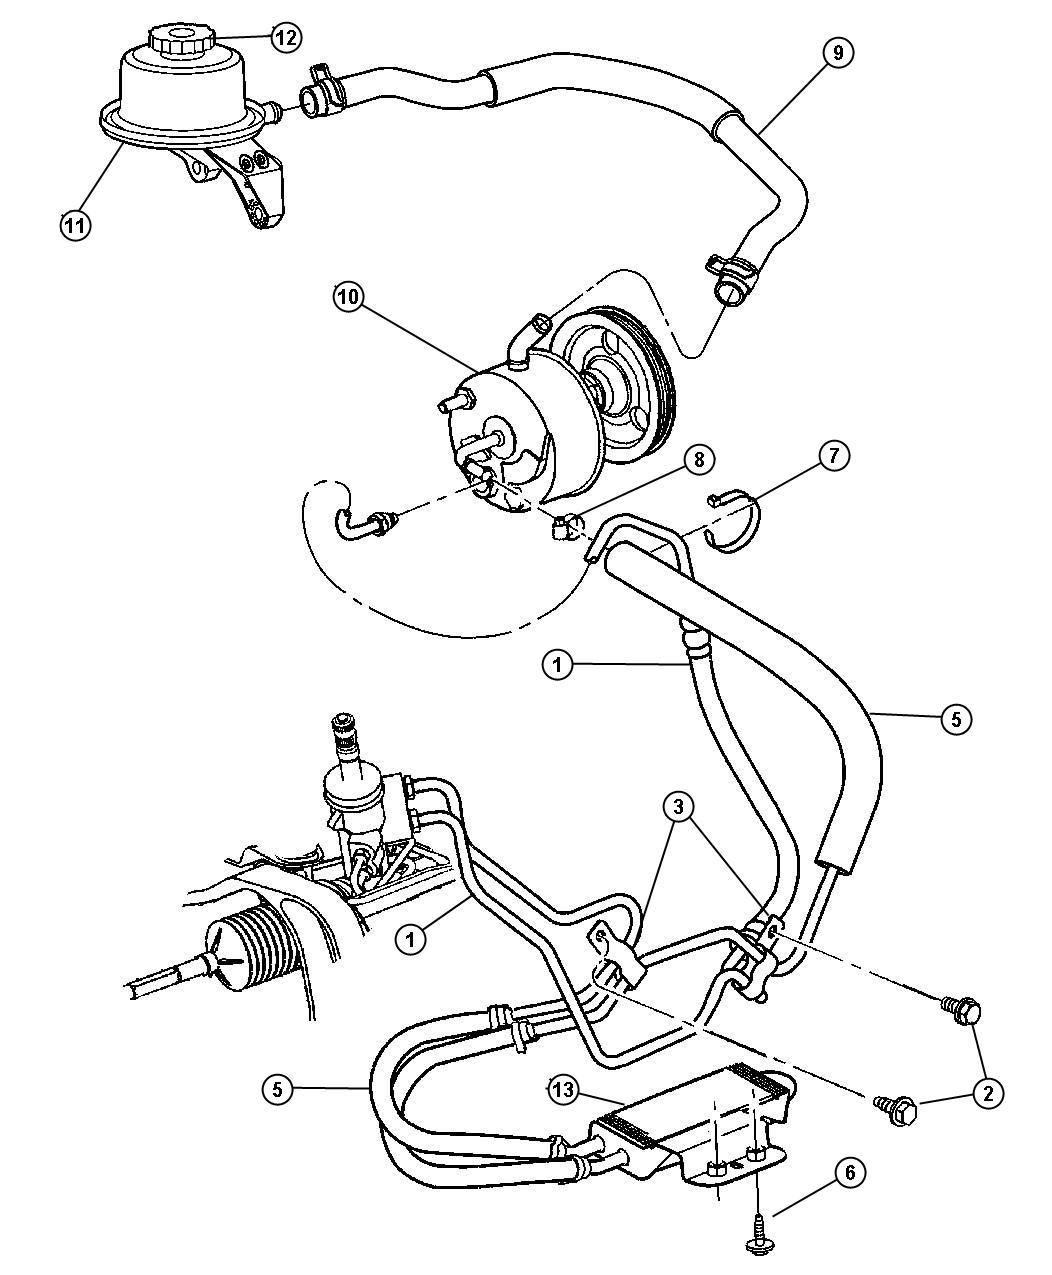 00i81886 dodge caravan radio wiring diagram roslonek net,2012 Jeep Grand Cherokee Radio Wiring Diagram